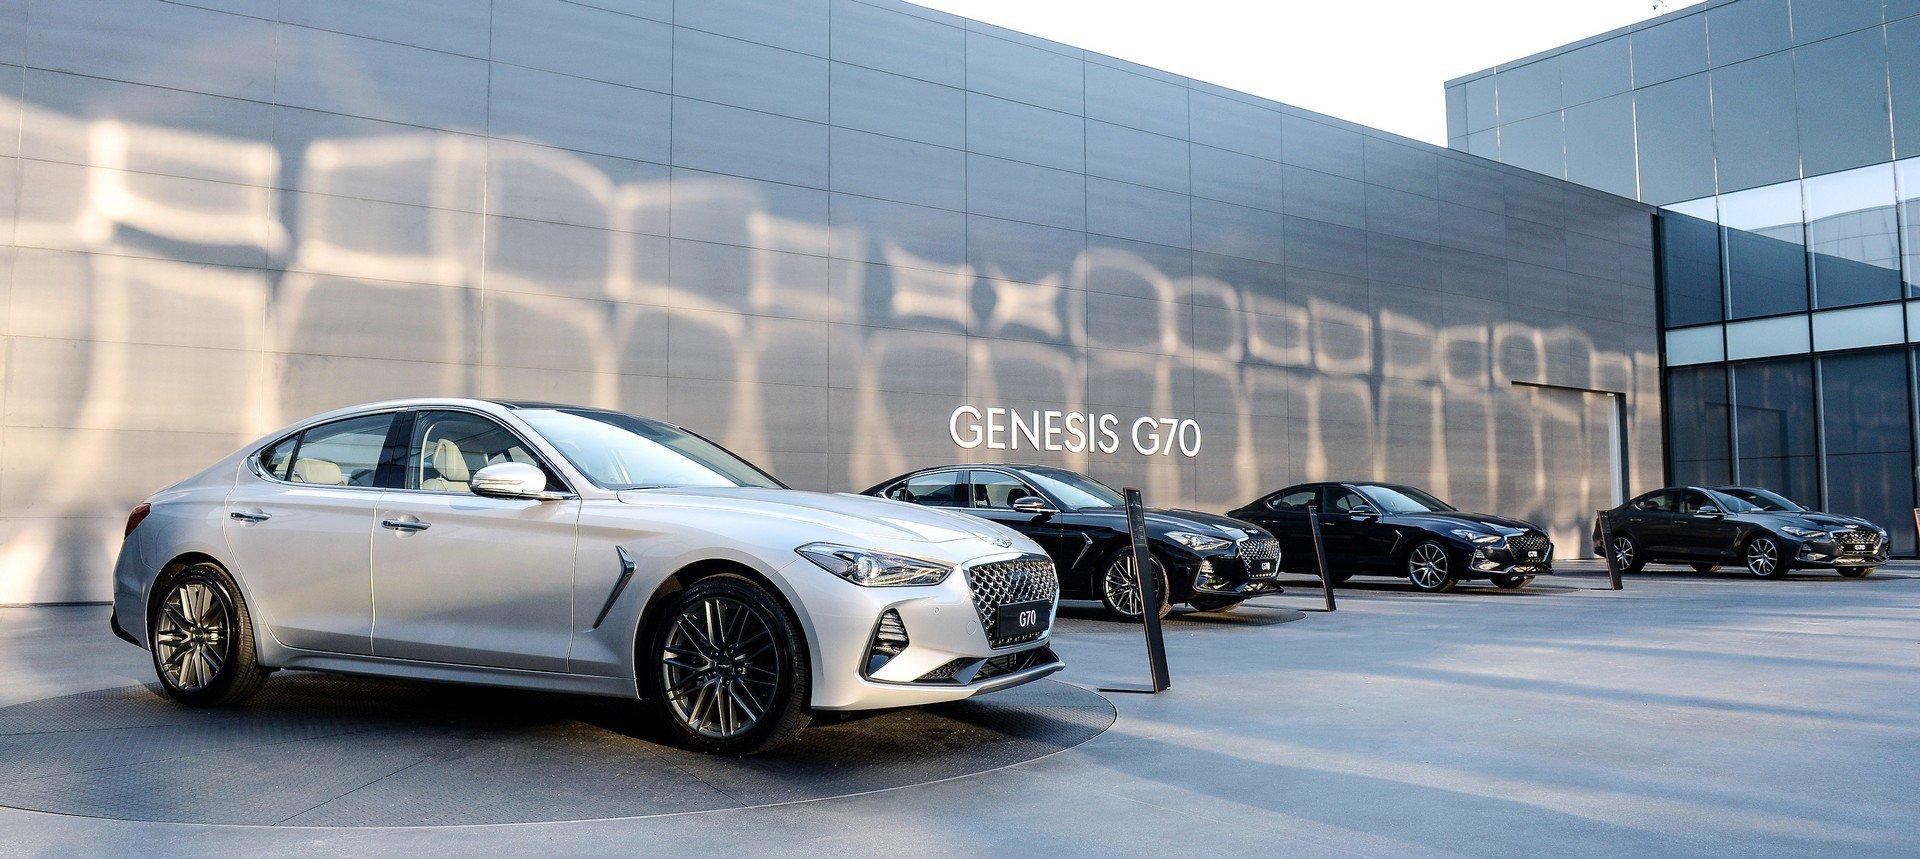 2019-genesis-g70-45-12.jpg